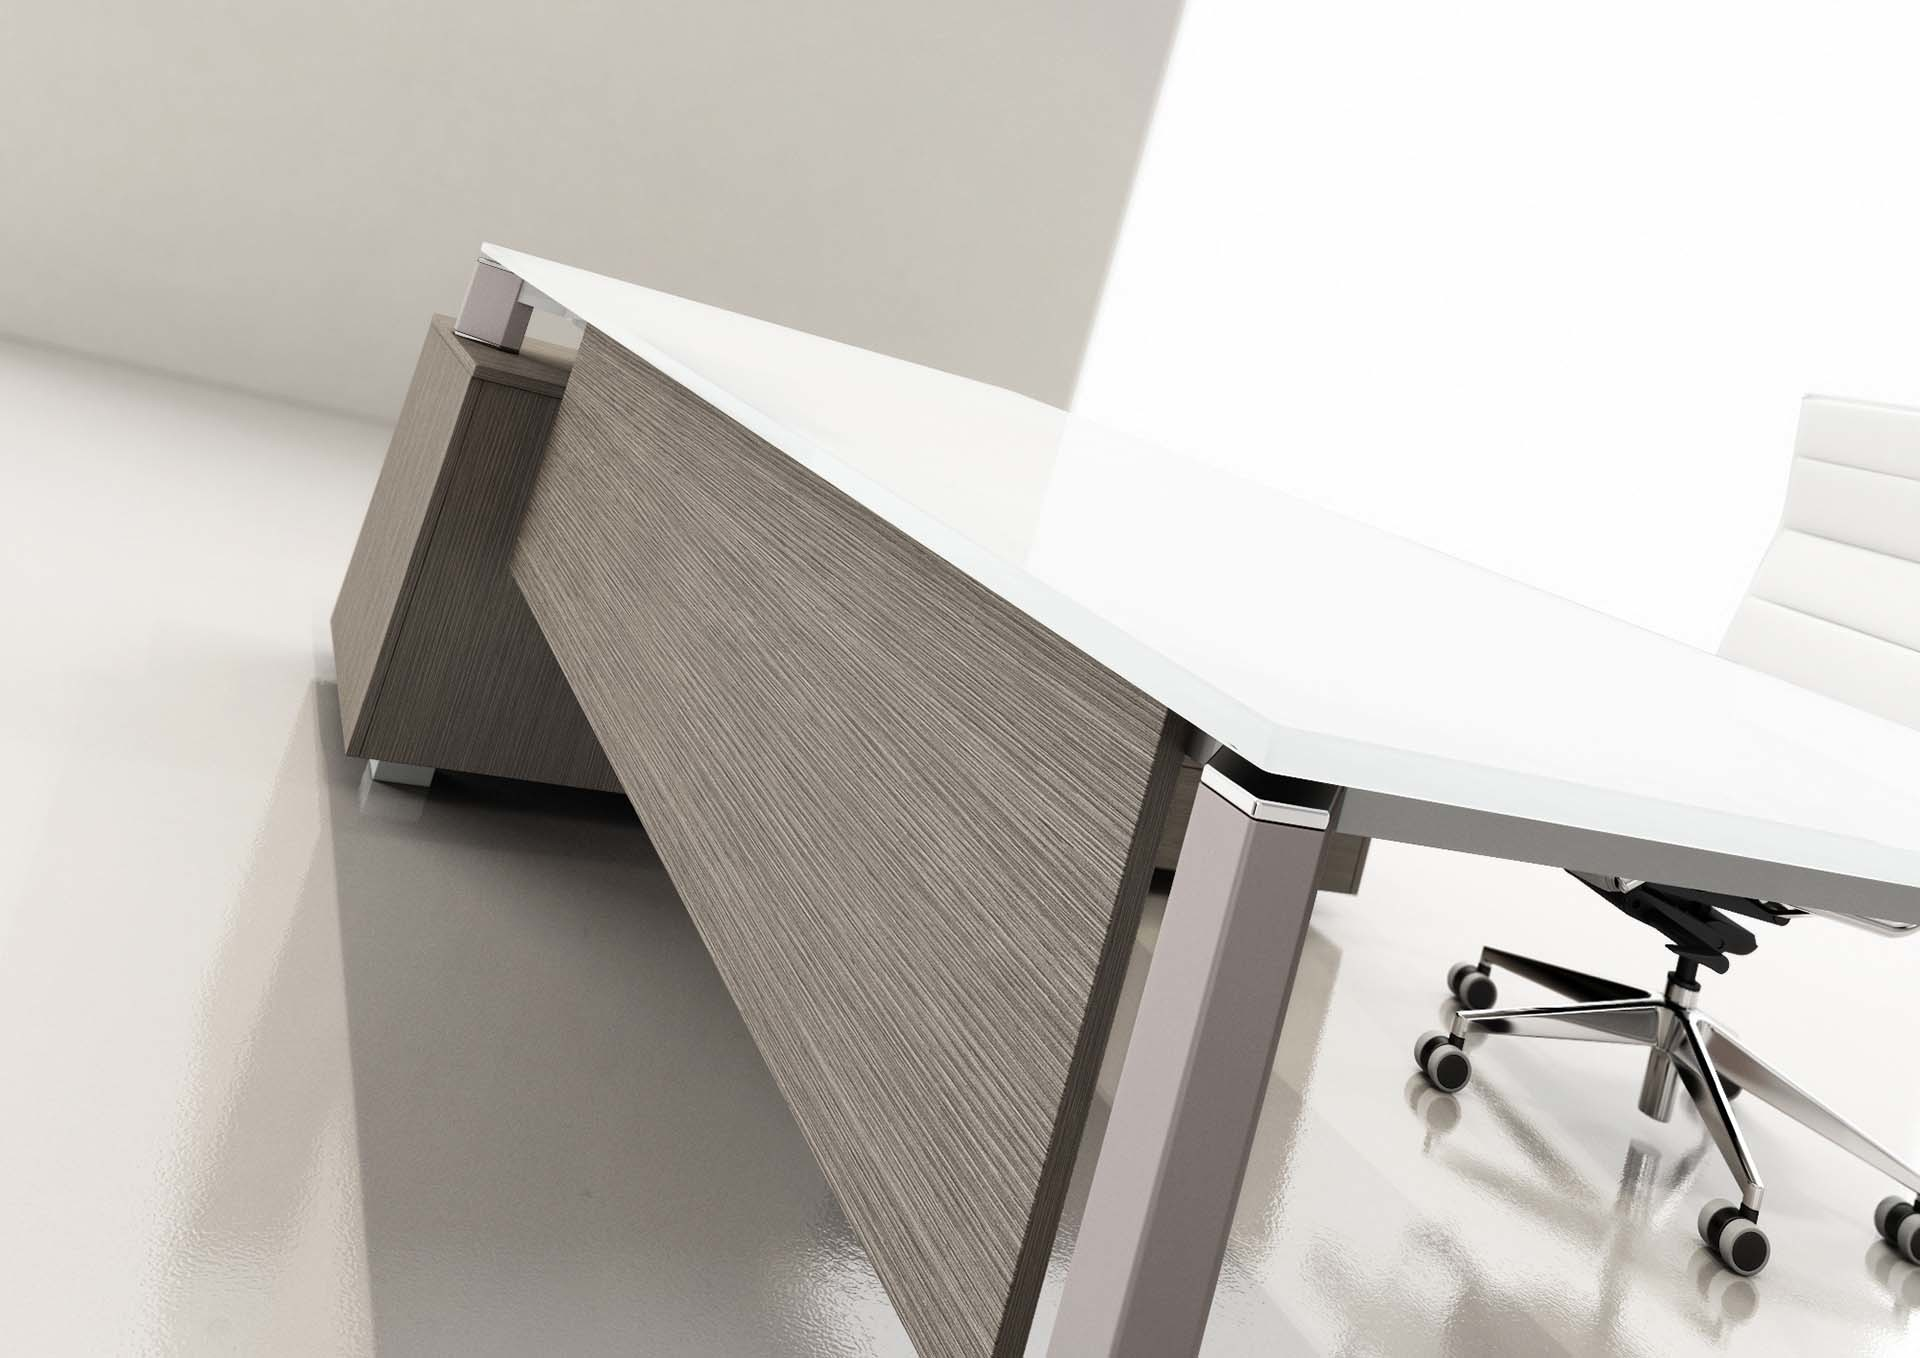 xeno-altius-executive-desk-glass-top-modesty-panel.jpg